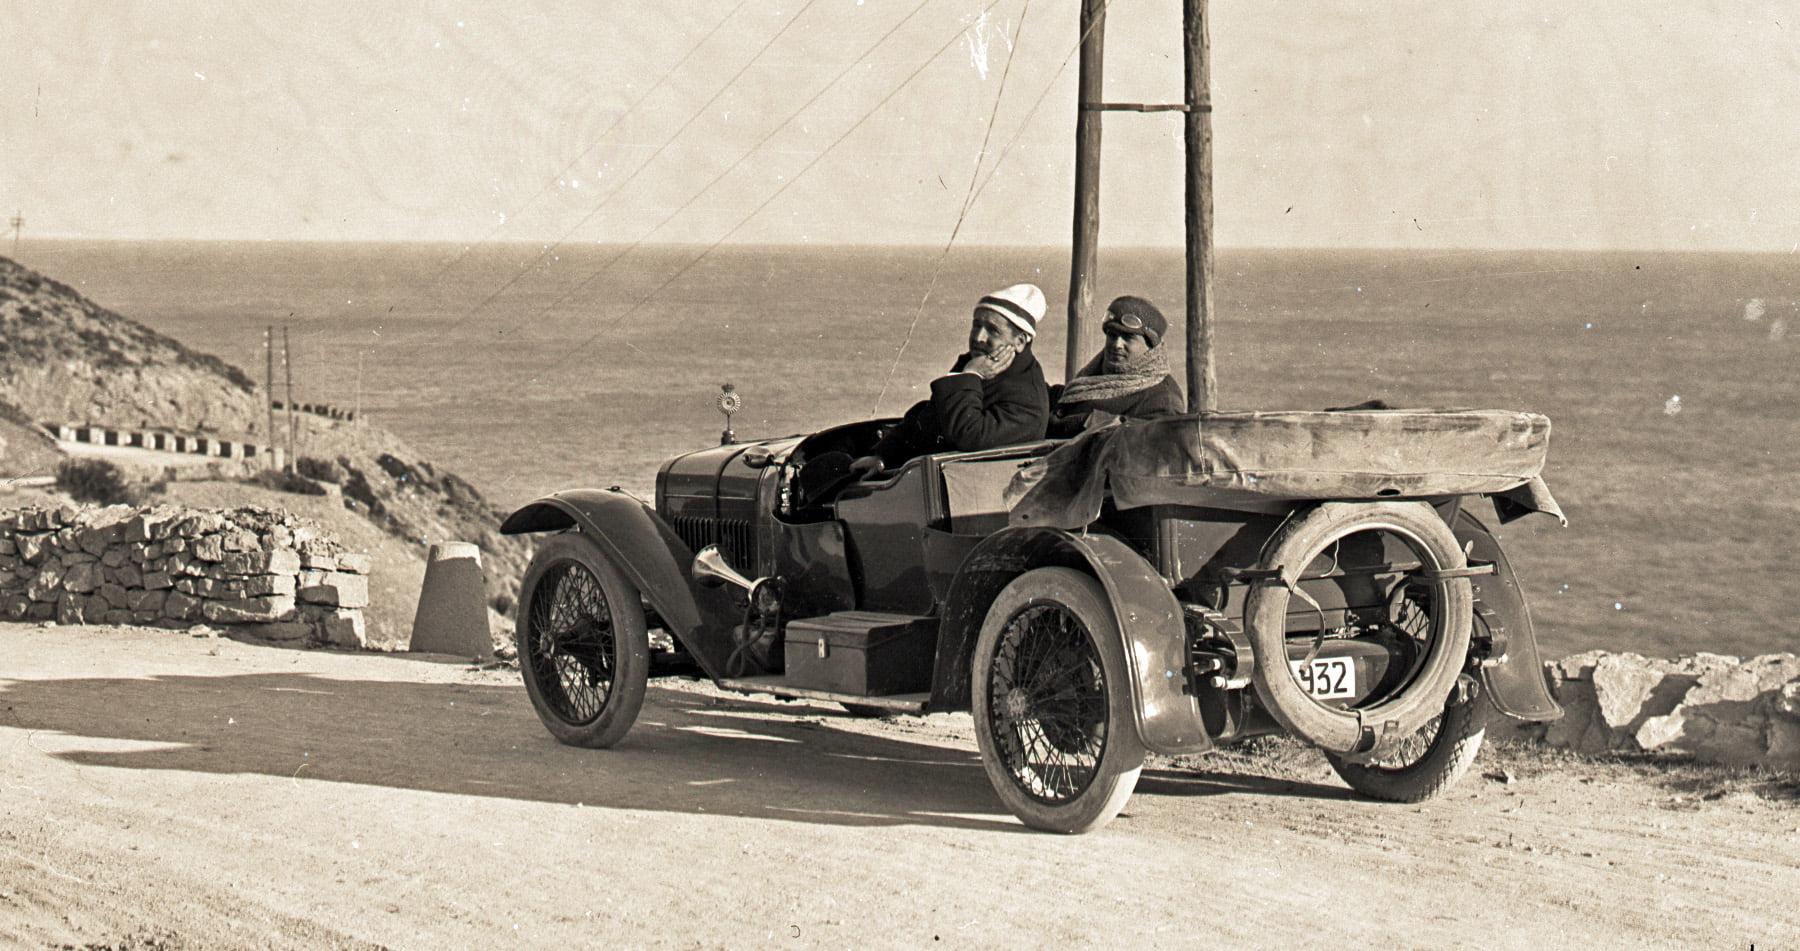 Hispano-Suiza-----Alphonso-XIII-was-eigendom-van-een-Dr-Carulla-in-Barcelona-en-ze-waren-duidelijk-zeer-toegewijd-aan-fotografie-naast-hun-sportieve-motorcar---1912-(5)